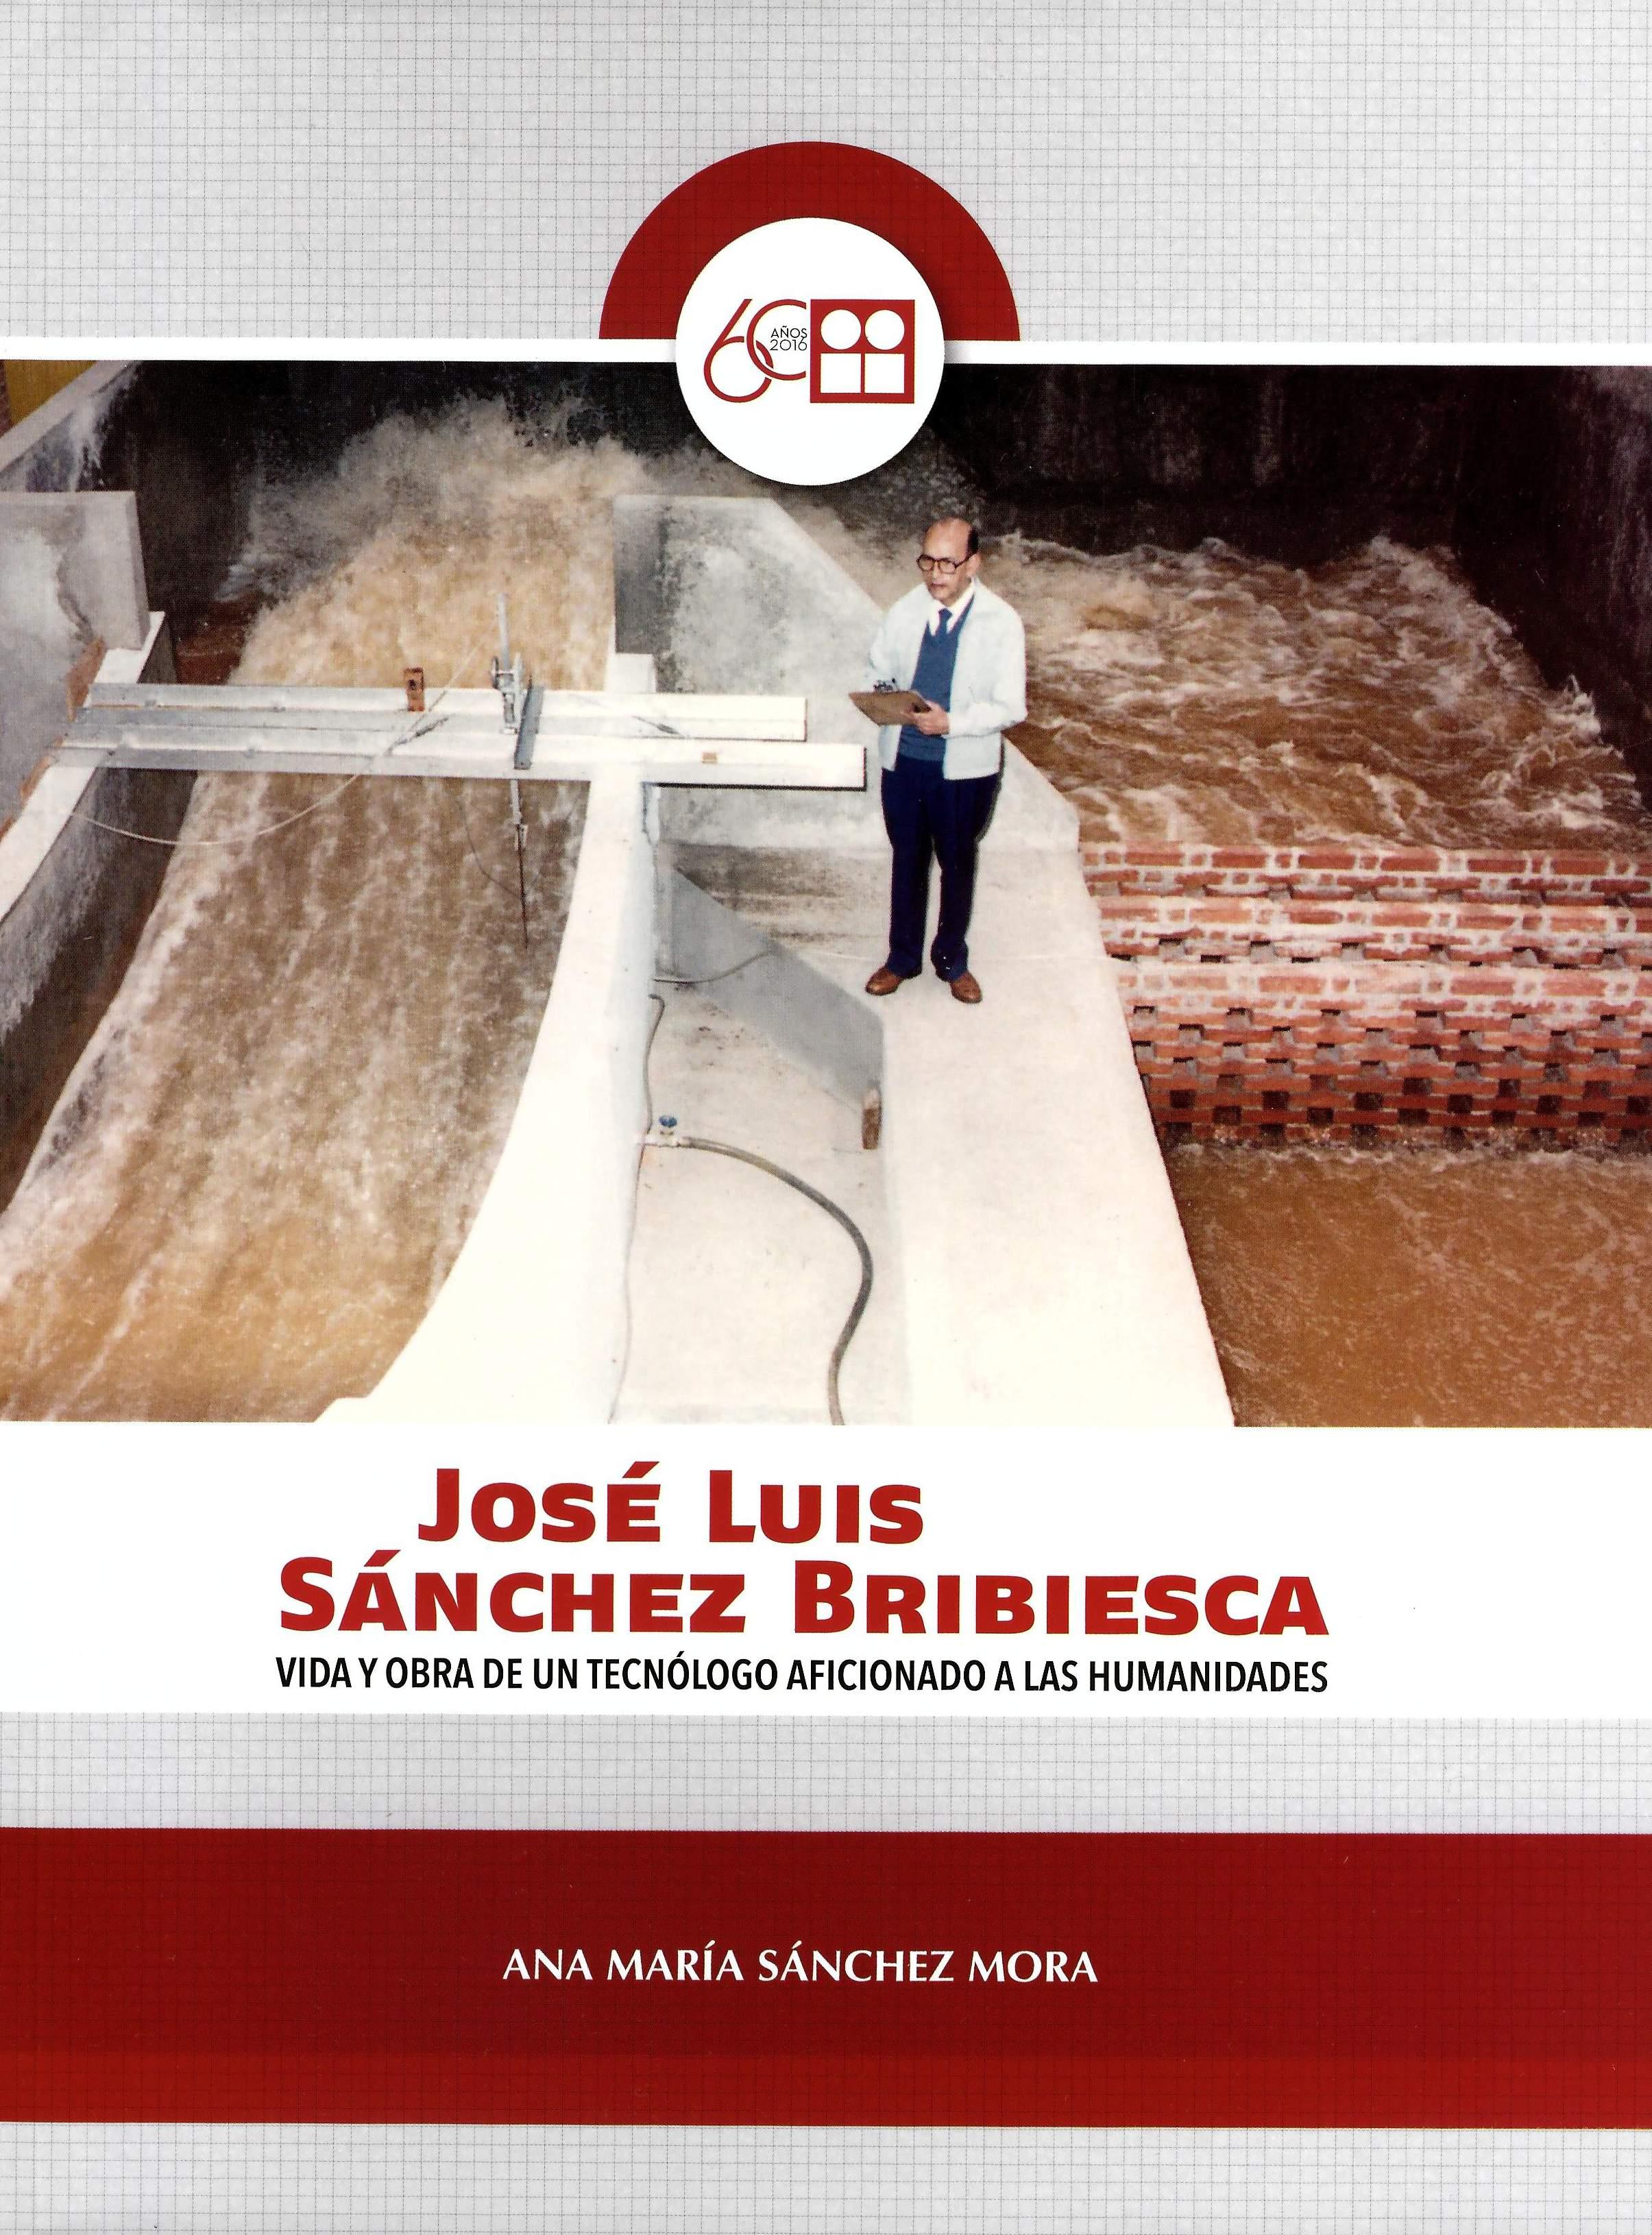 José Luis Sánchez Bribiesca. Vida y obra de un tecnólogo aficionado a las humanidades